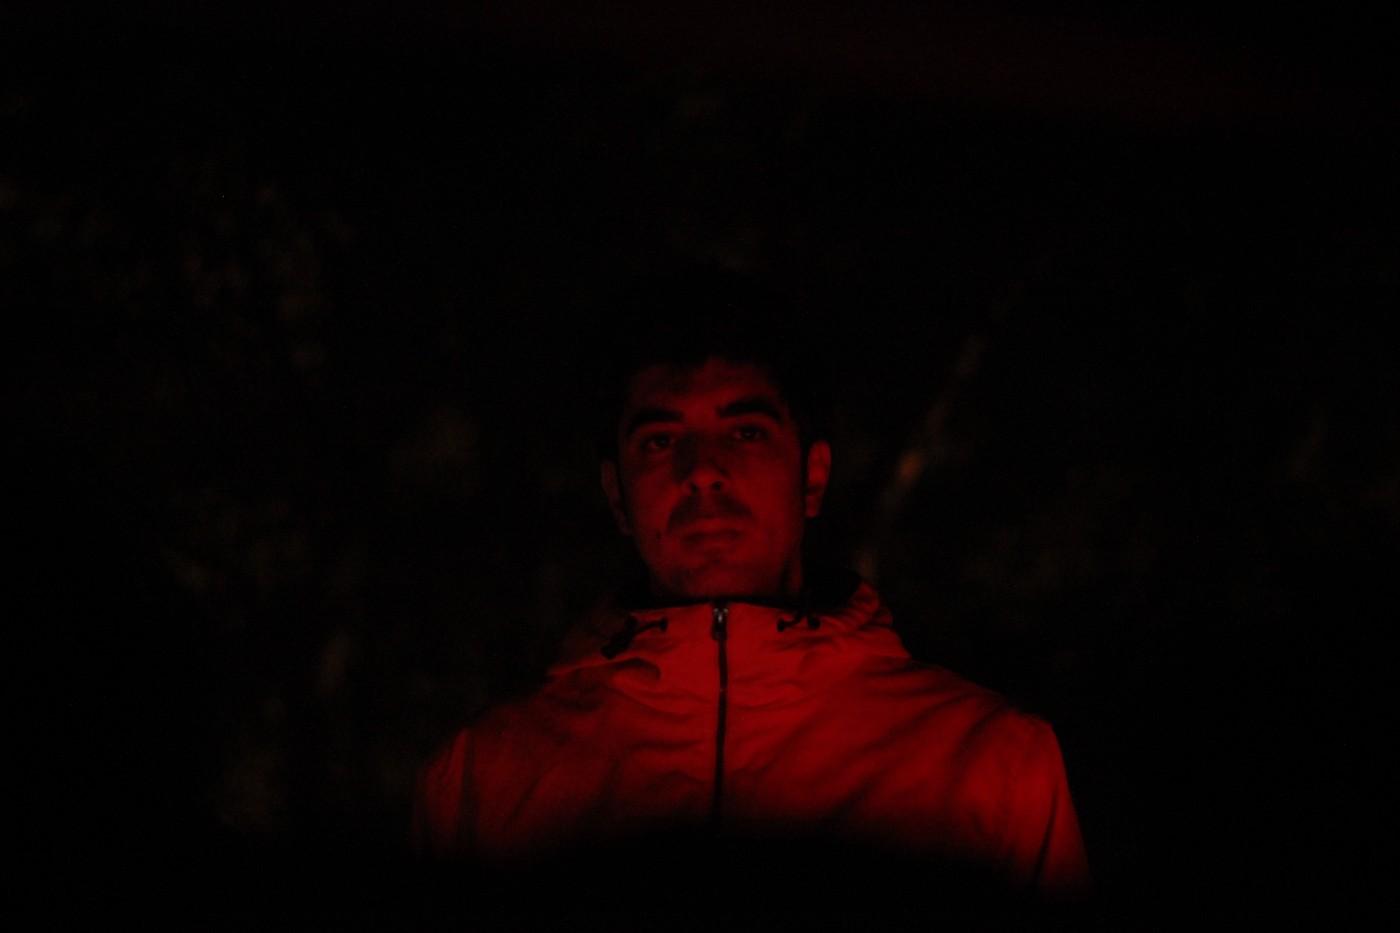 """Estrenamos """"Cordobesa"""" segundo adelanto del nuevo disco de Eduardo Luka"""